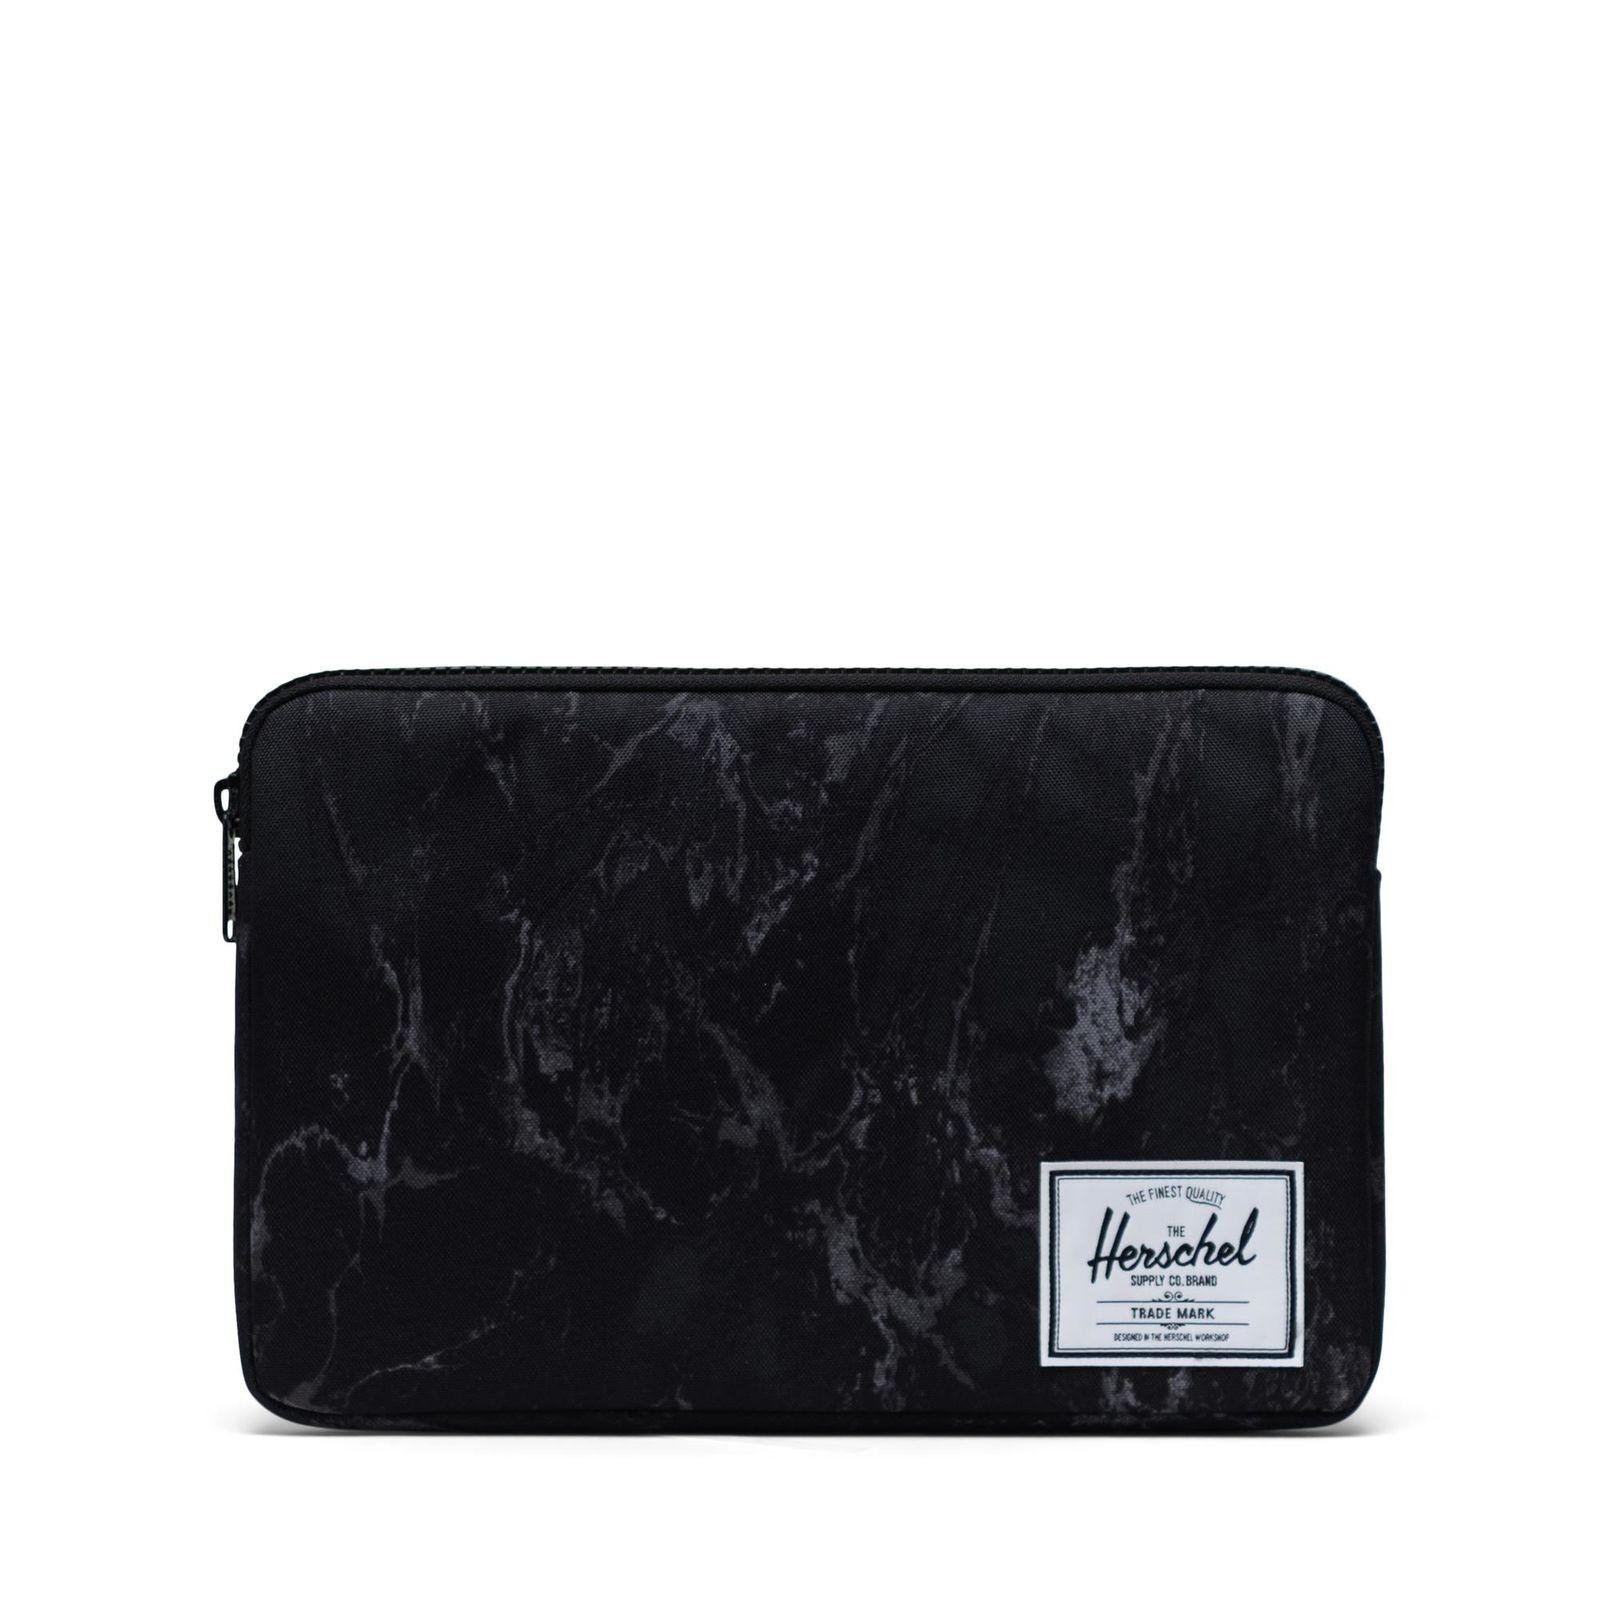 Herschel iPad Kılıfı Anchor Sleeve for iPad Air Black Marble